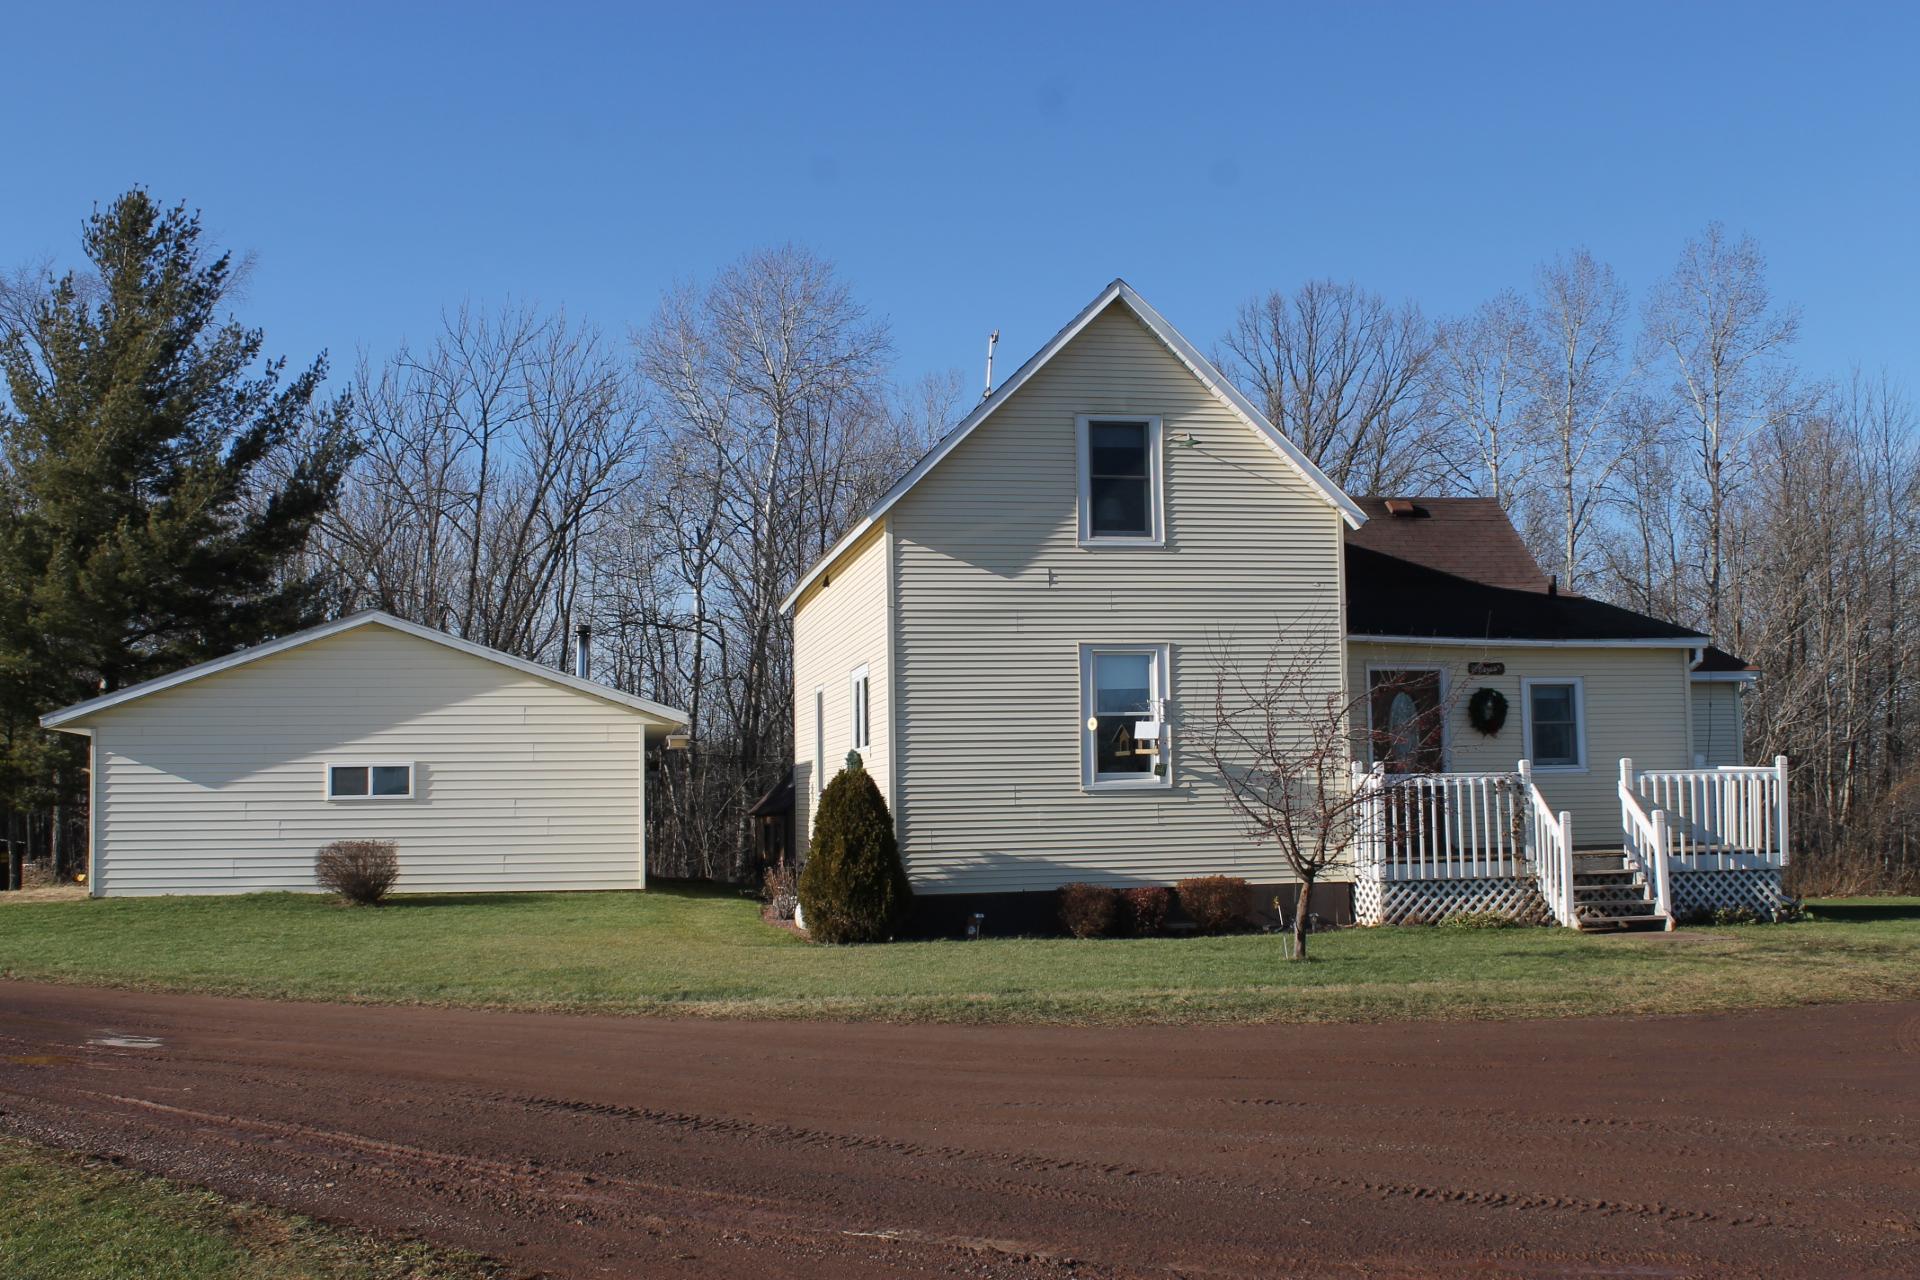 64346 County Road C, Marengo, Wisconsin 54855